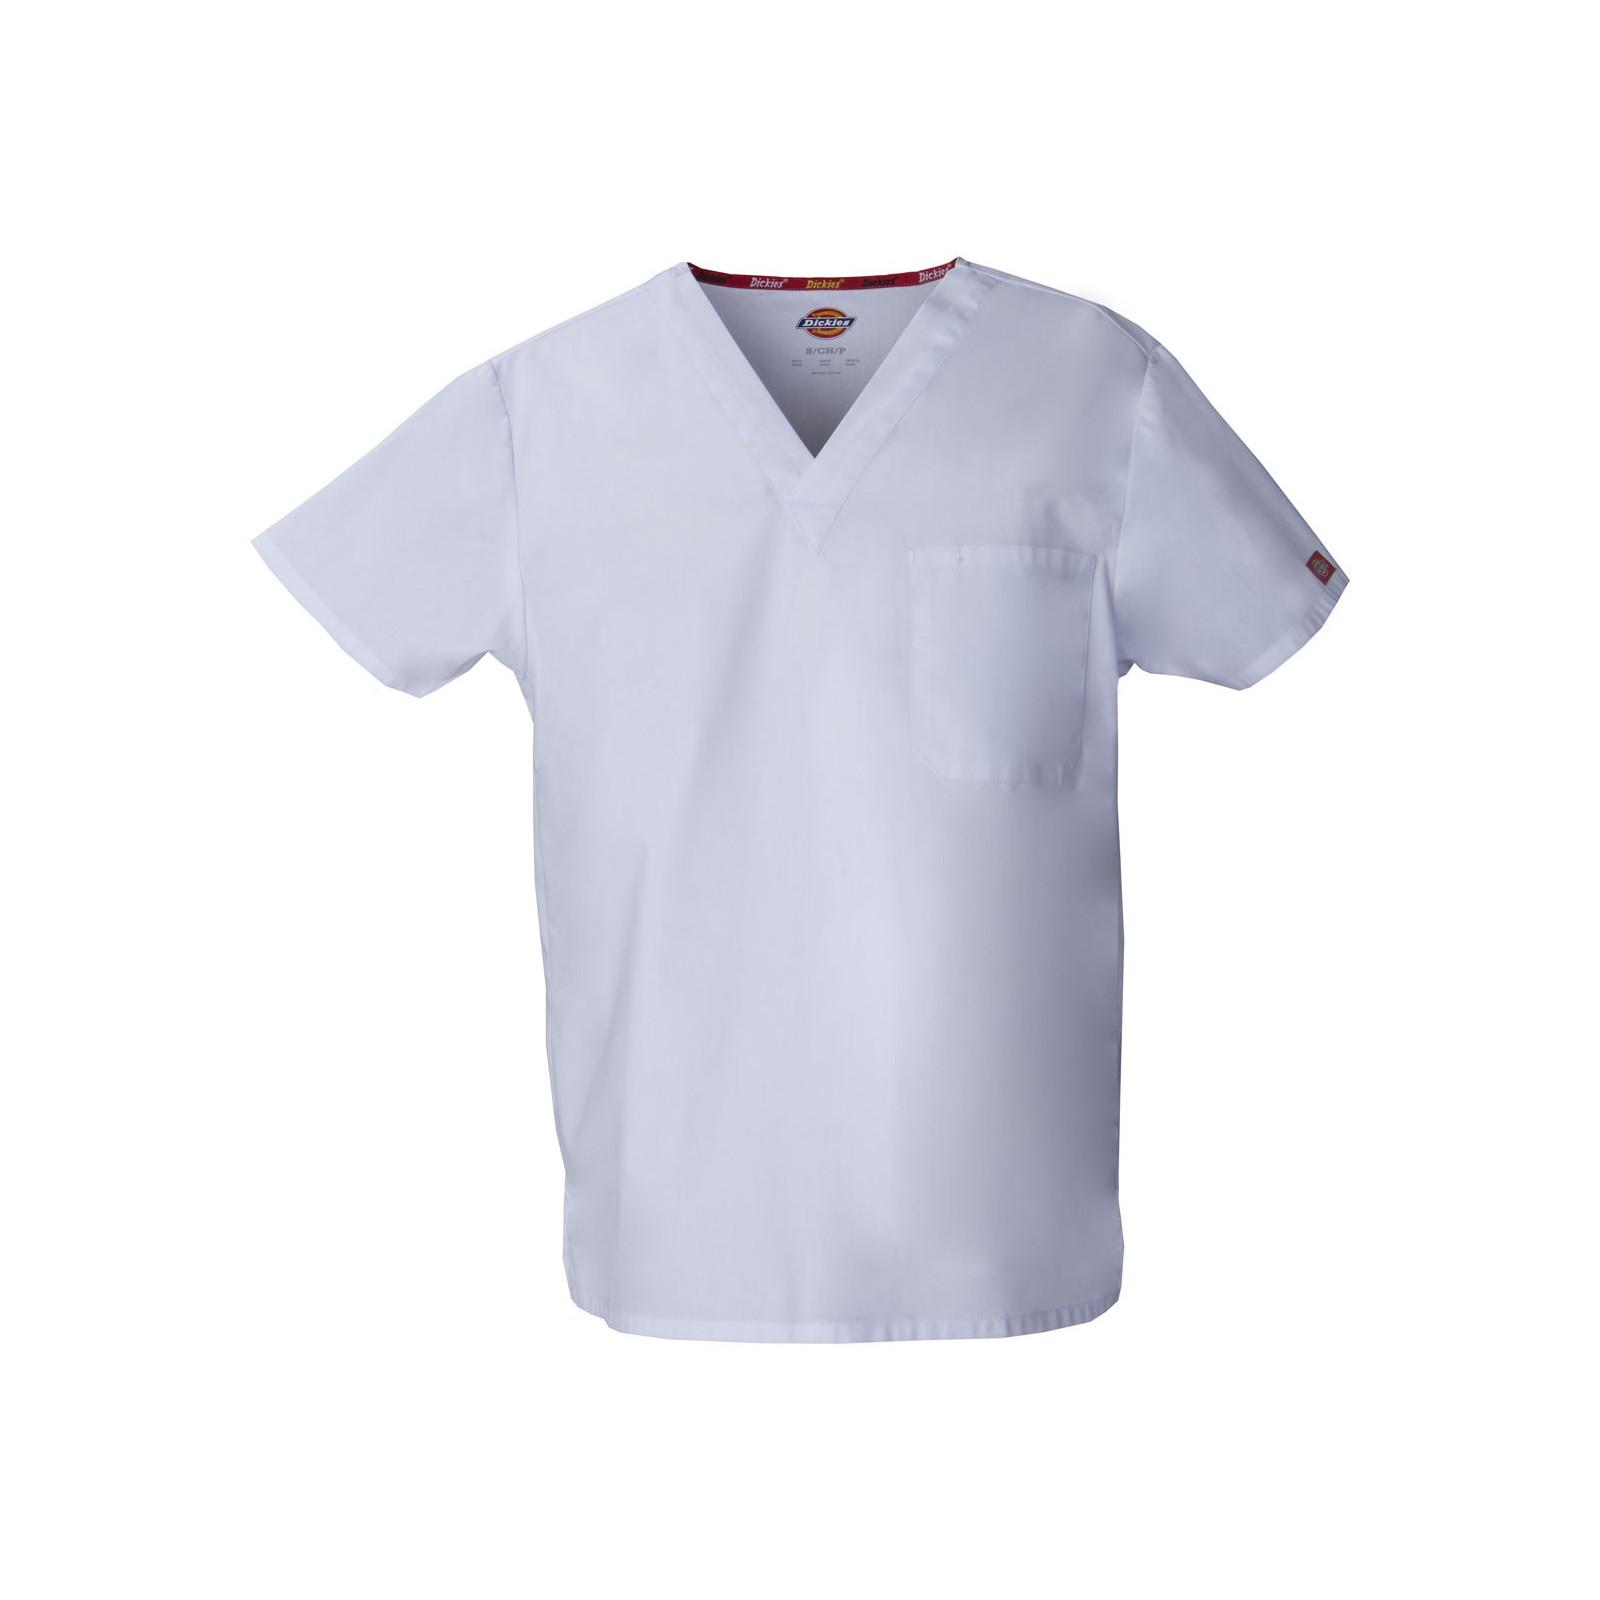 """Blouse médicale Femme, Dickies, poche cœur, Collection """"EDS signature"""" (83706), couleur blanc"""